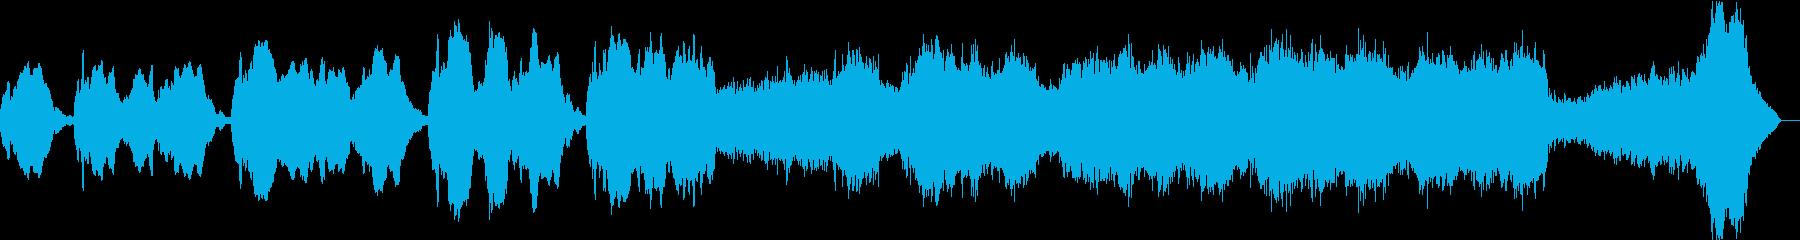 壮大なイメージのstrings曲の再生済みの波形